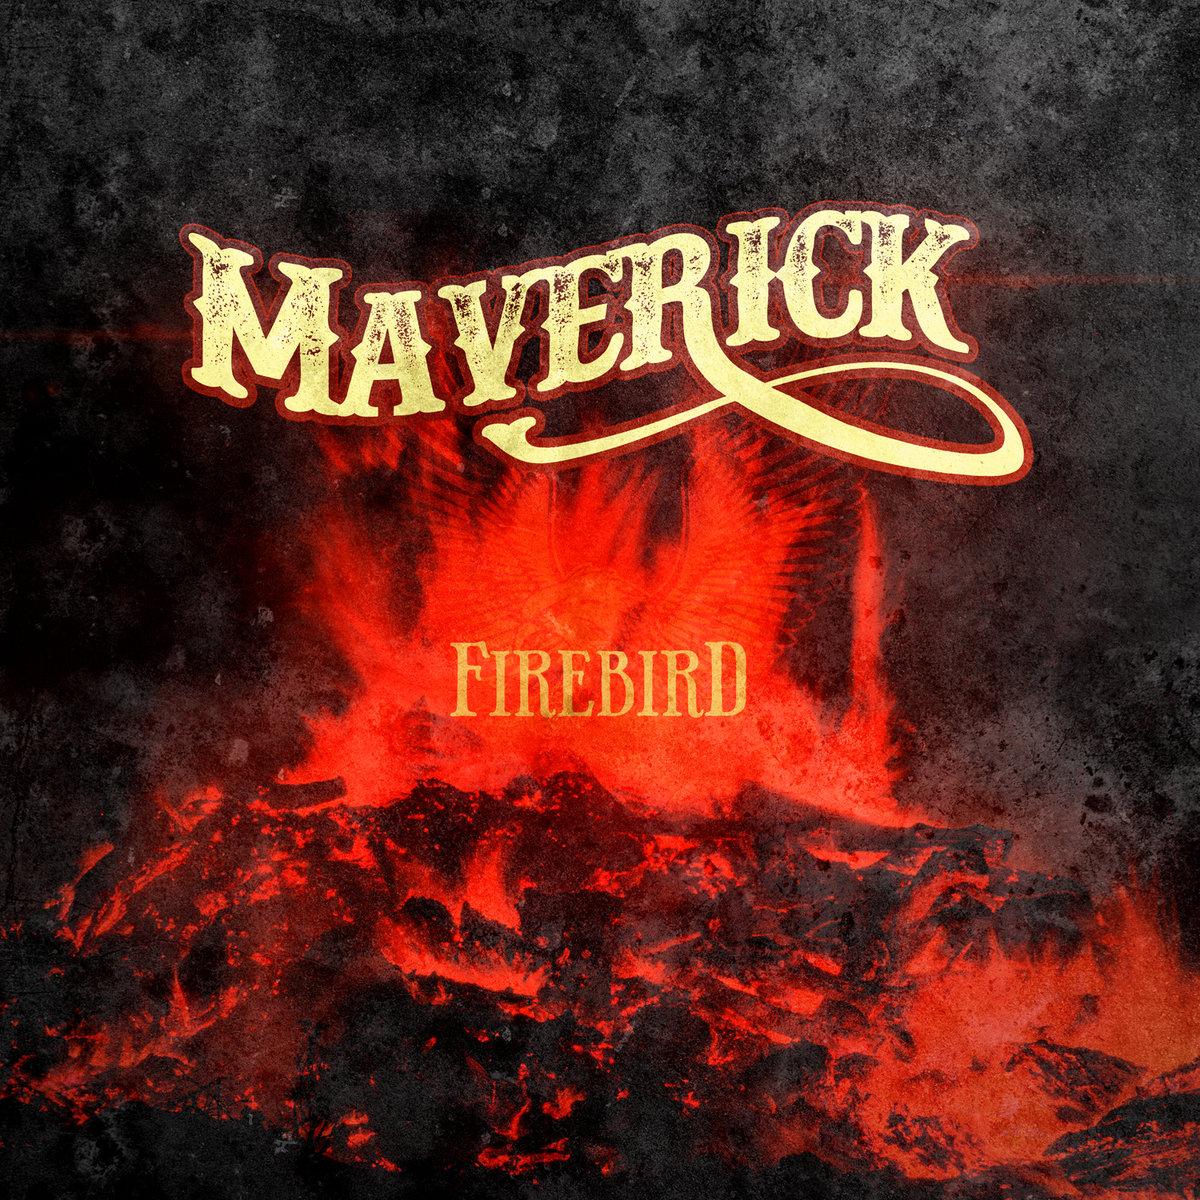 maverick firebird